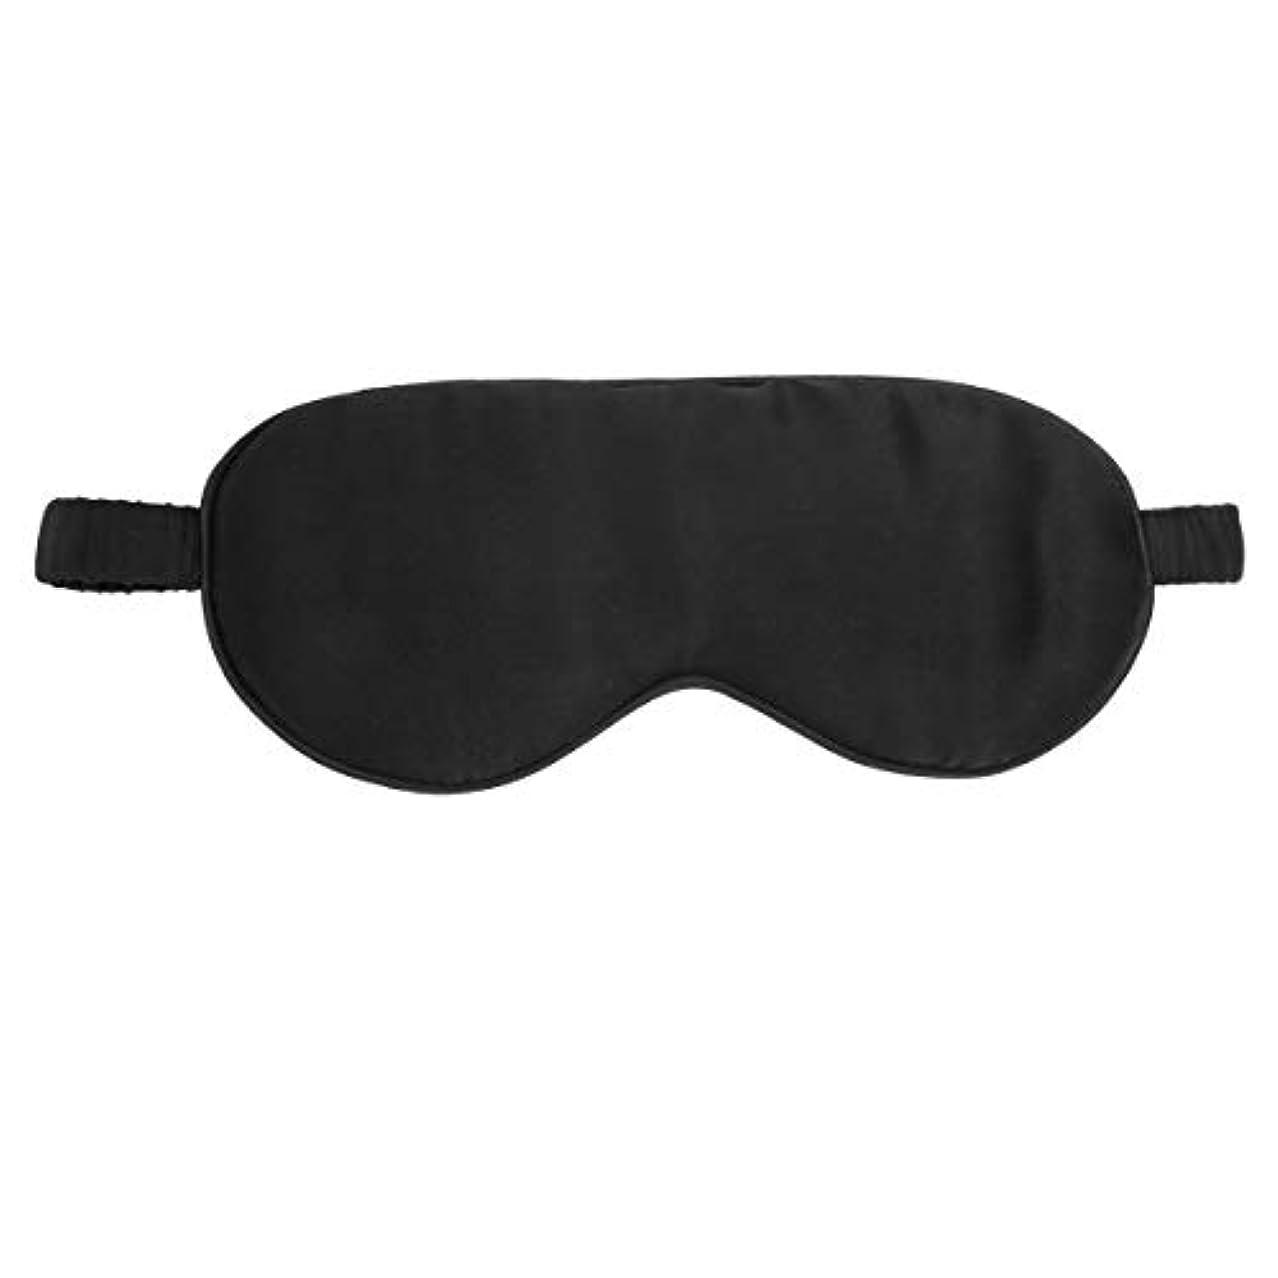 オーストラリア人賞賛タイプSUPVOX アイマスク 安眠アイマスク 睡眠 遮光 マスク シルク 圧迫感なし 目に優しい 軽量 旅行 飛行機 疲労回復 男女兼用